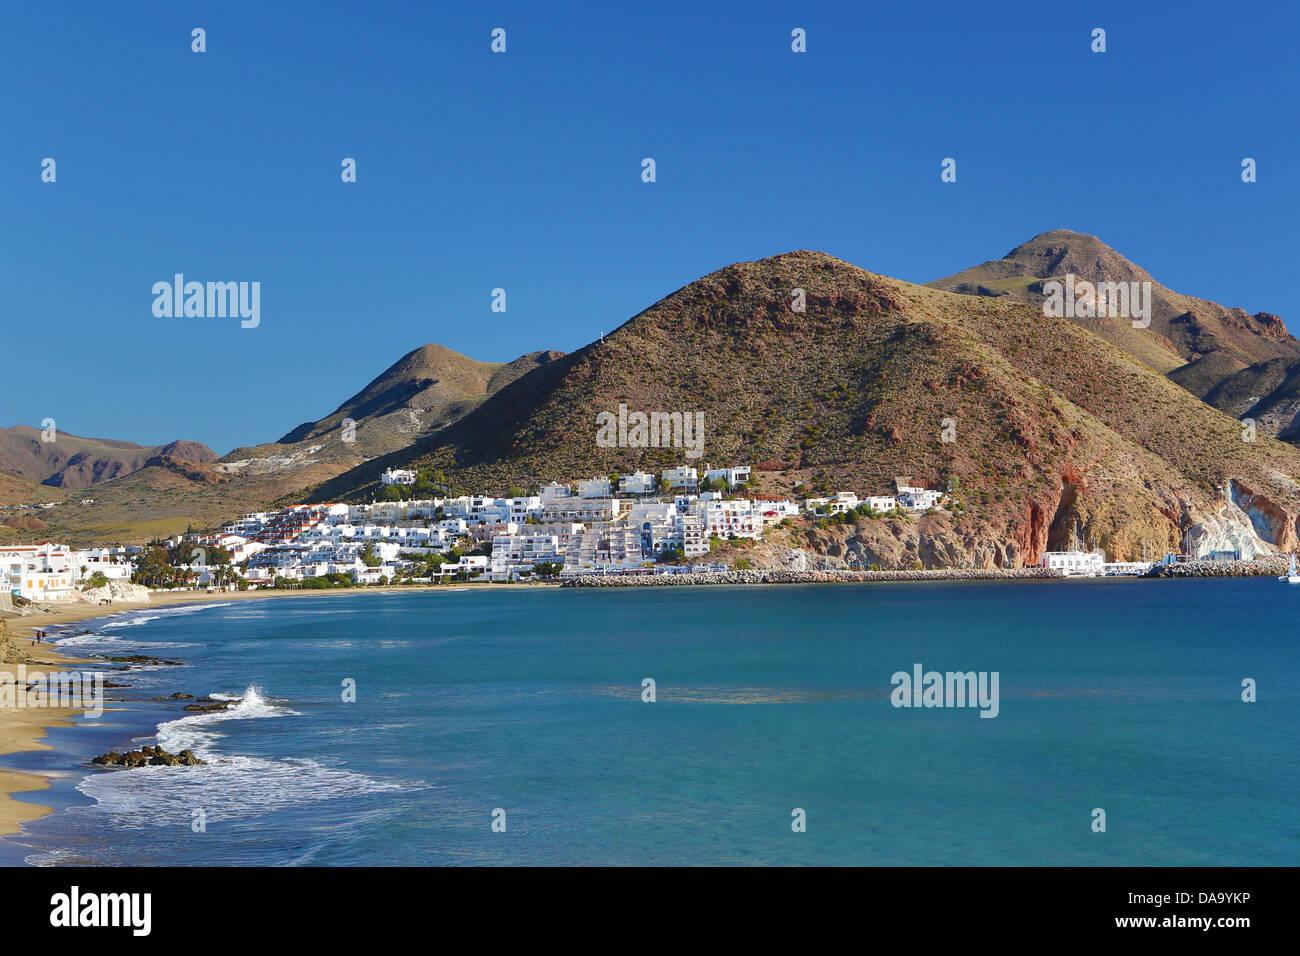 Almeria, Spagna, Europa, Andalusia, San Jose, spiaggia, blu, costa, paesaggio, Mediterraneo, pueblo, turistica, Immagini Stock